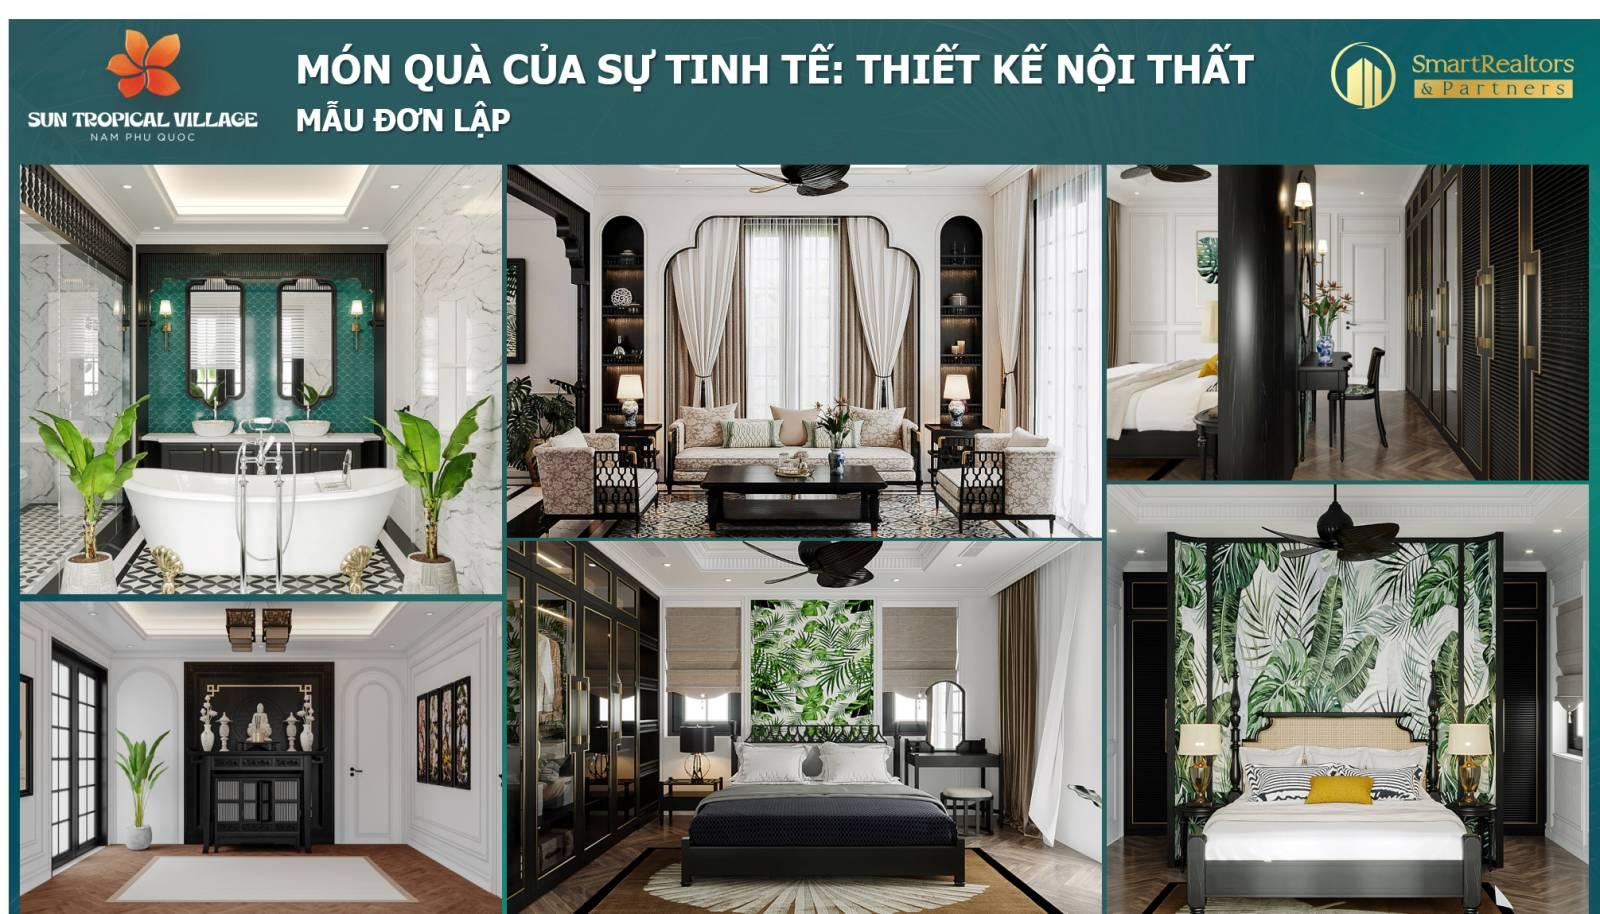 Thiết kế nội thất dự án Sun Tropical Phú Quốc